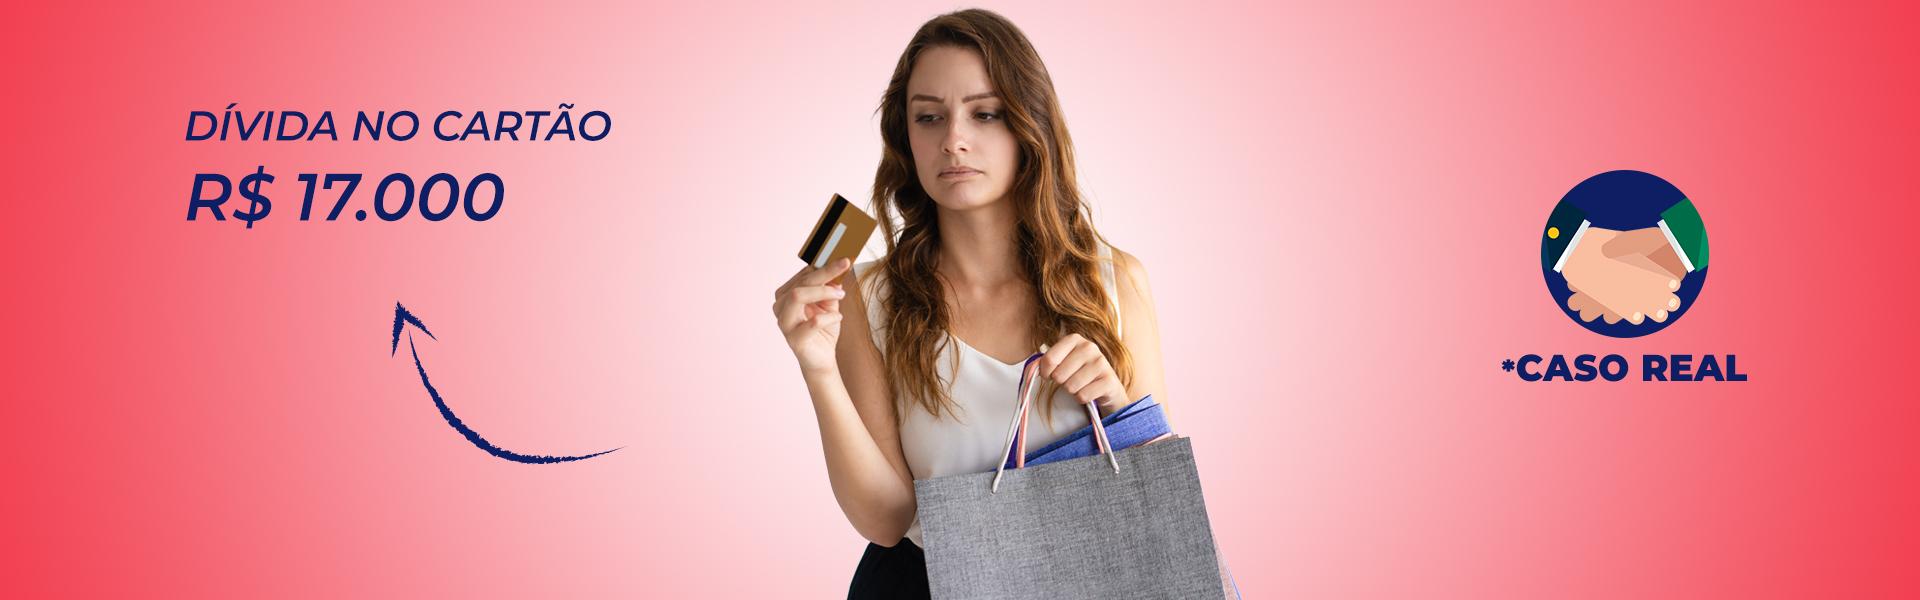 Dívida no Cartão de Crédito